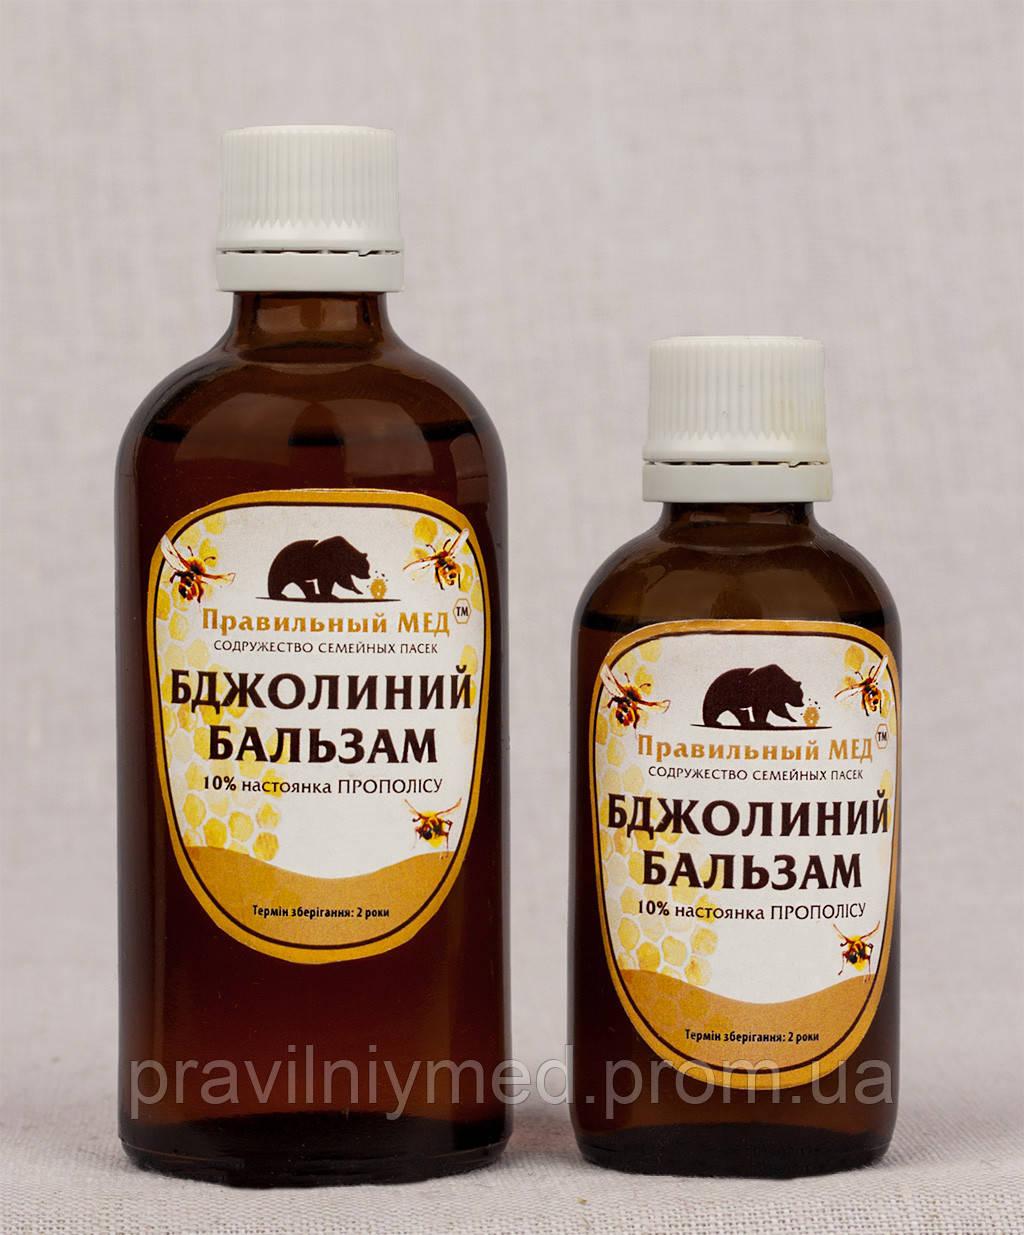 Пчелиный Бальзам. Настойка Прополиса 10%